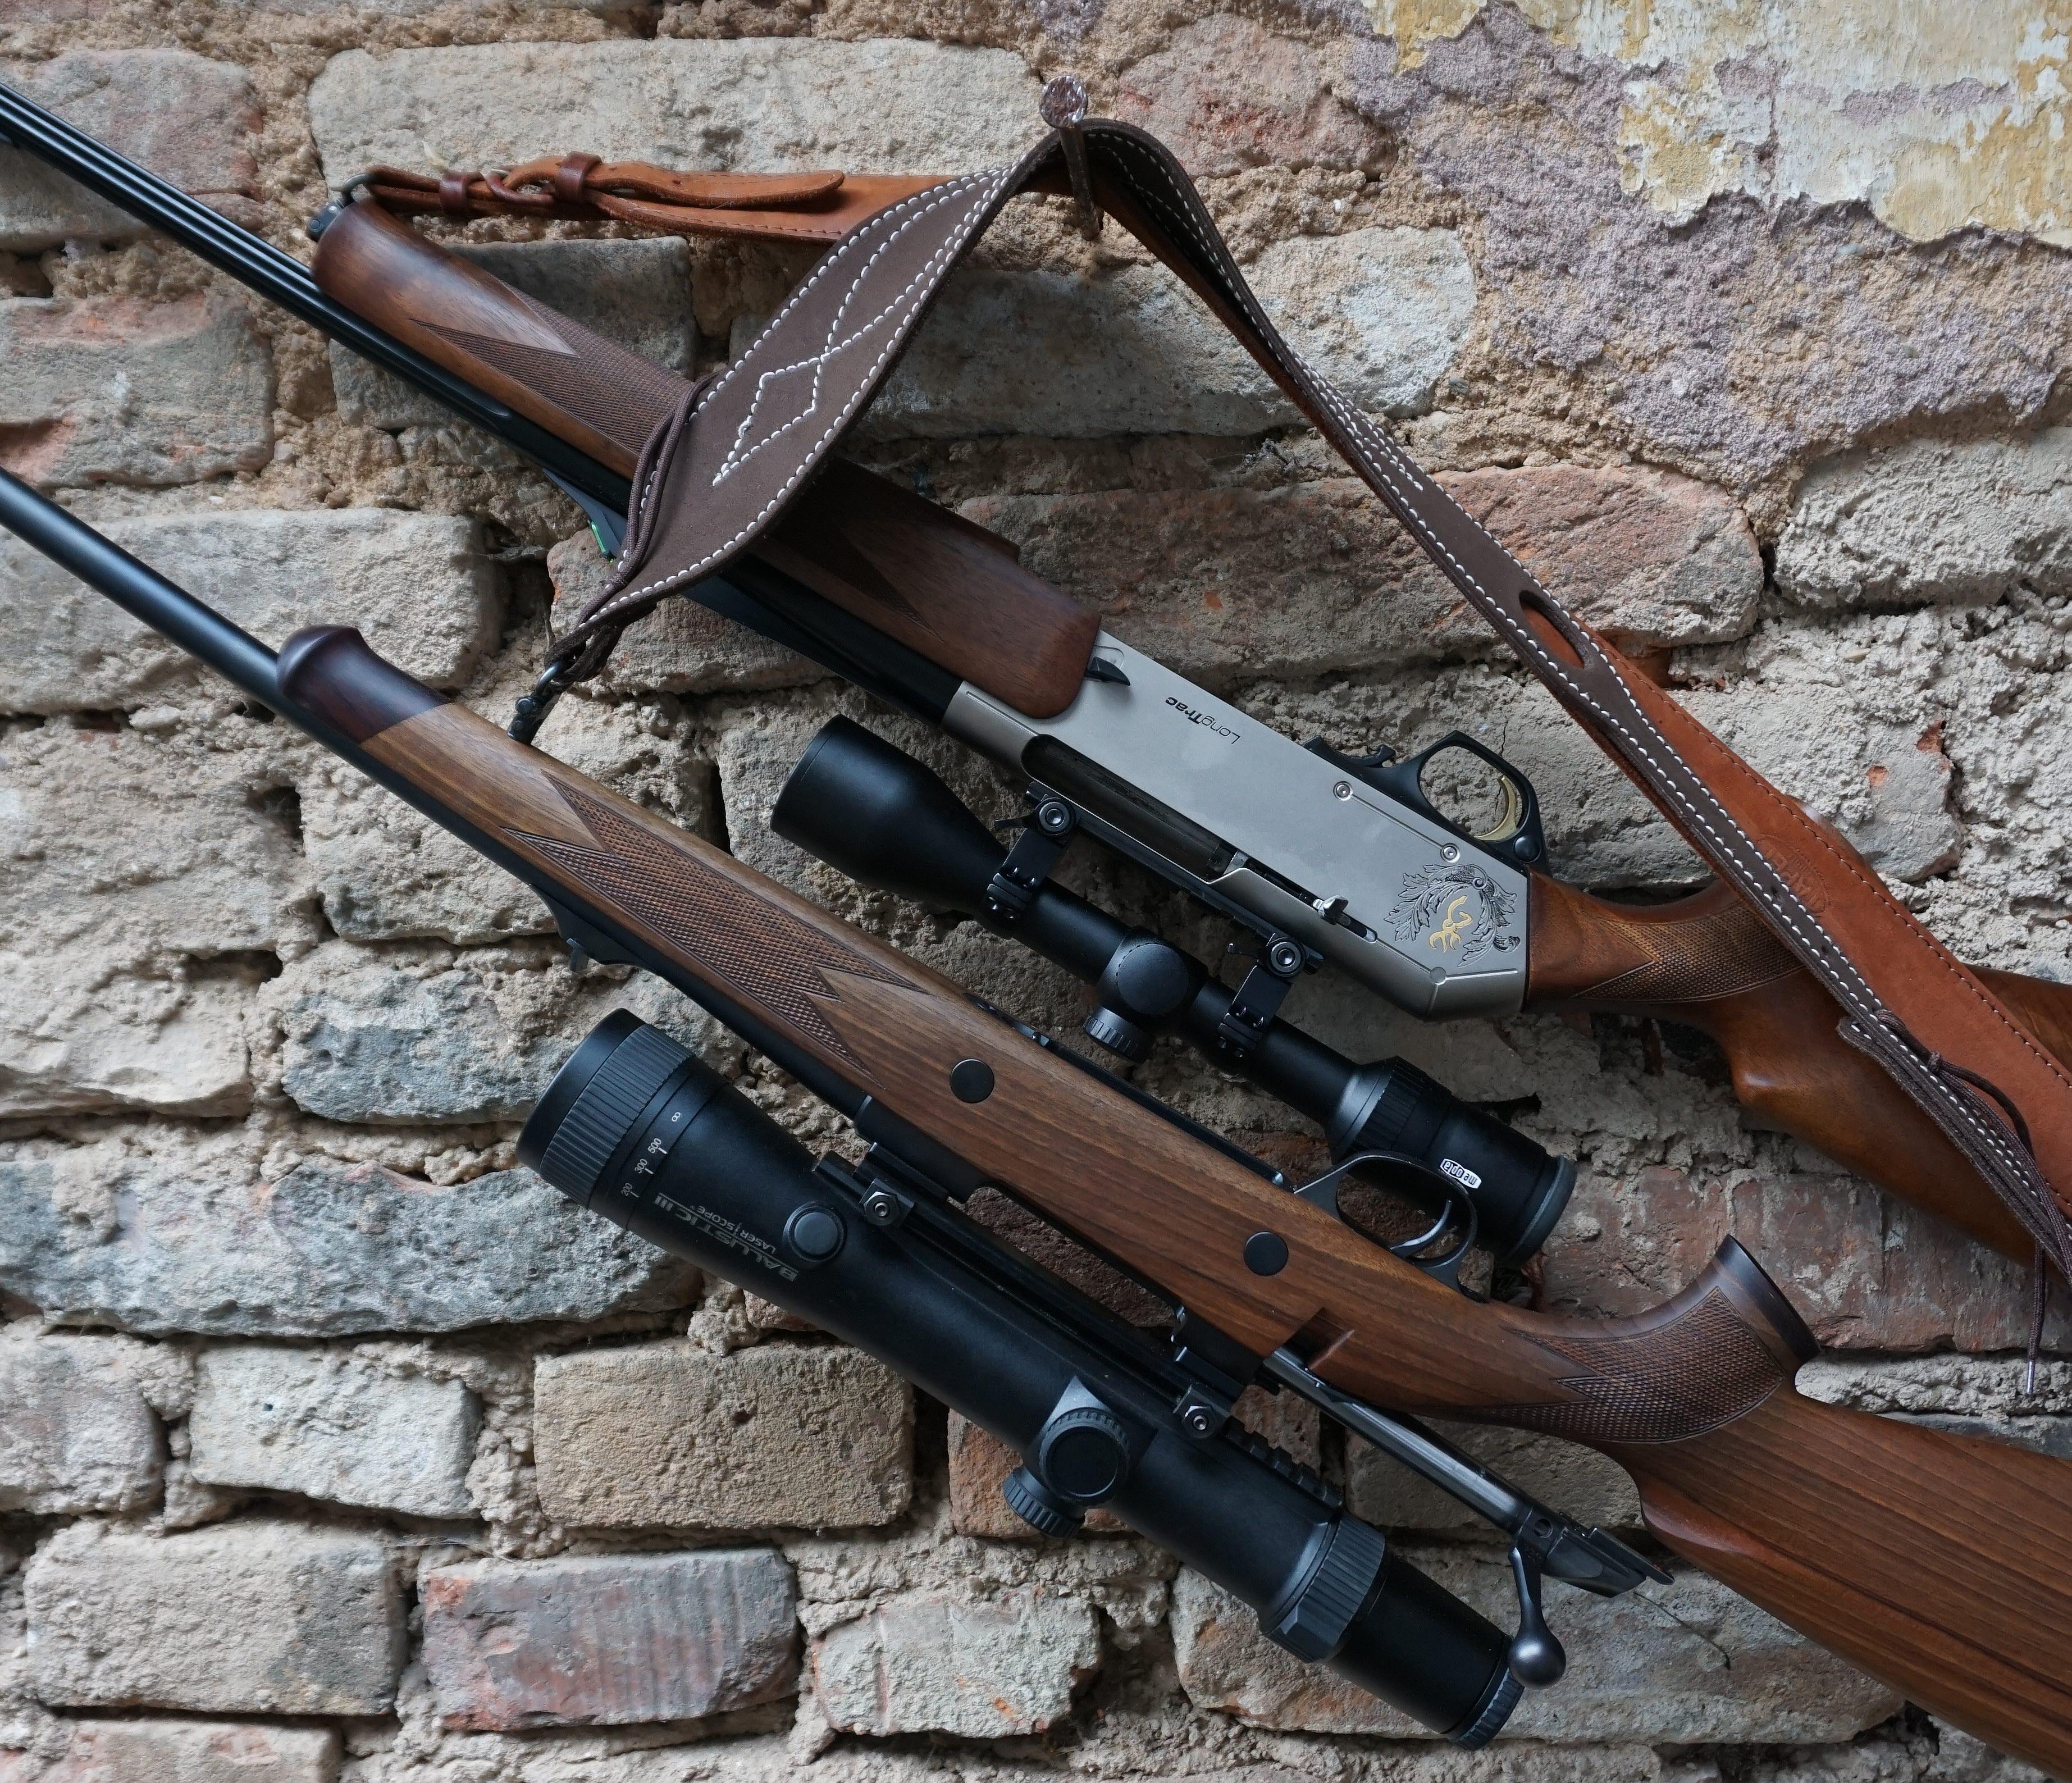 Směrnice EU o zbraních dále přitvrzuje po teroru v Bruselu